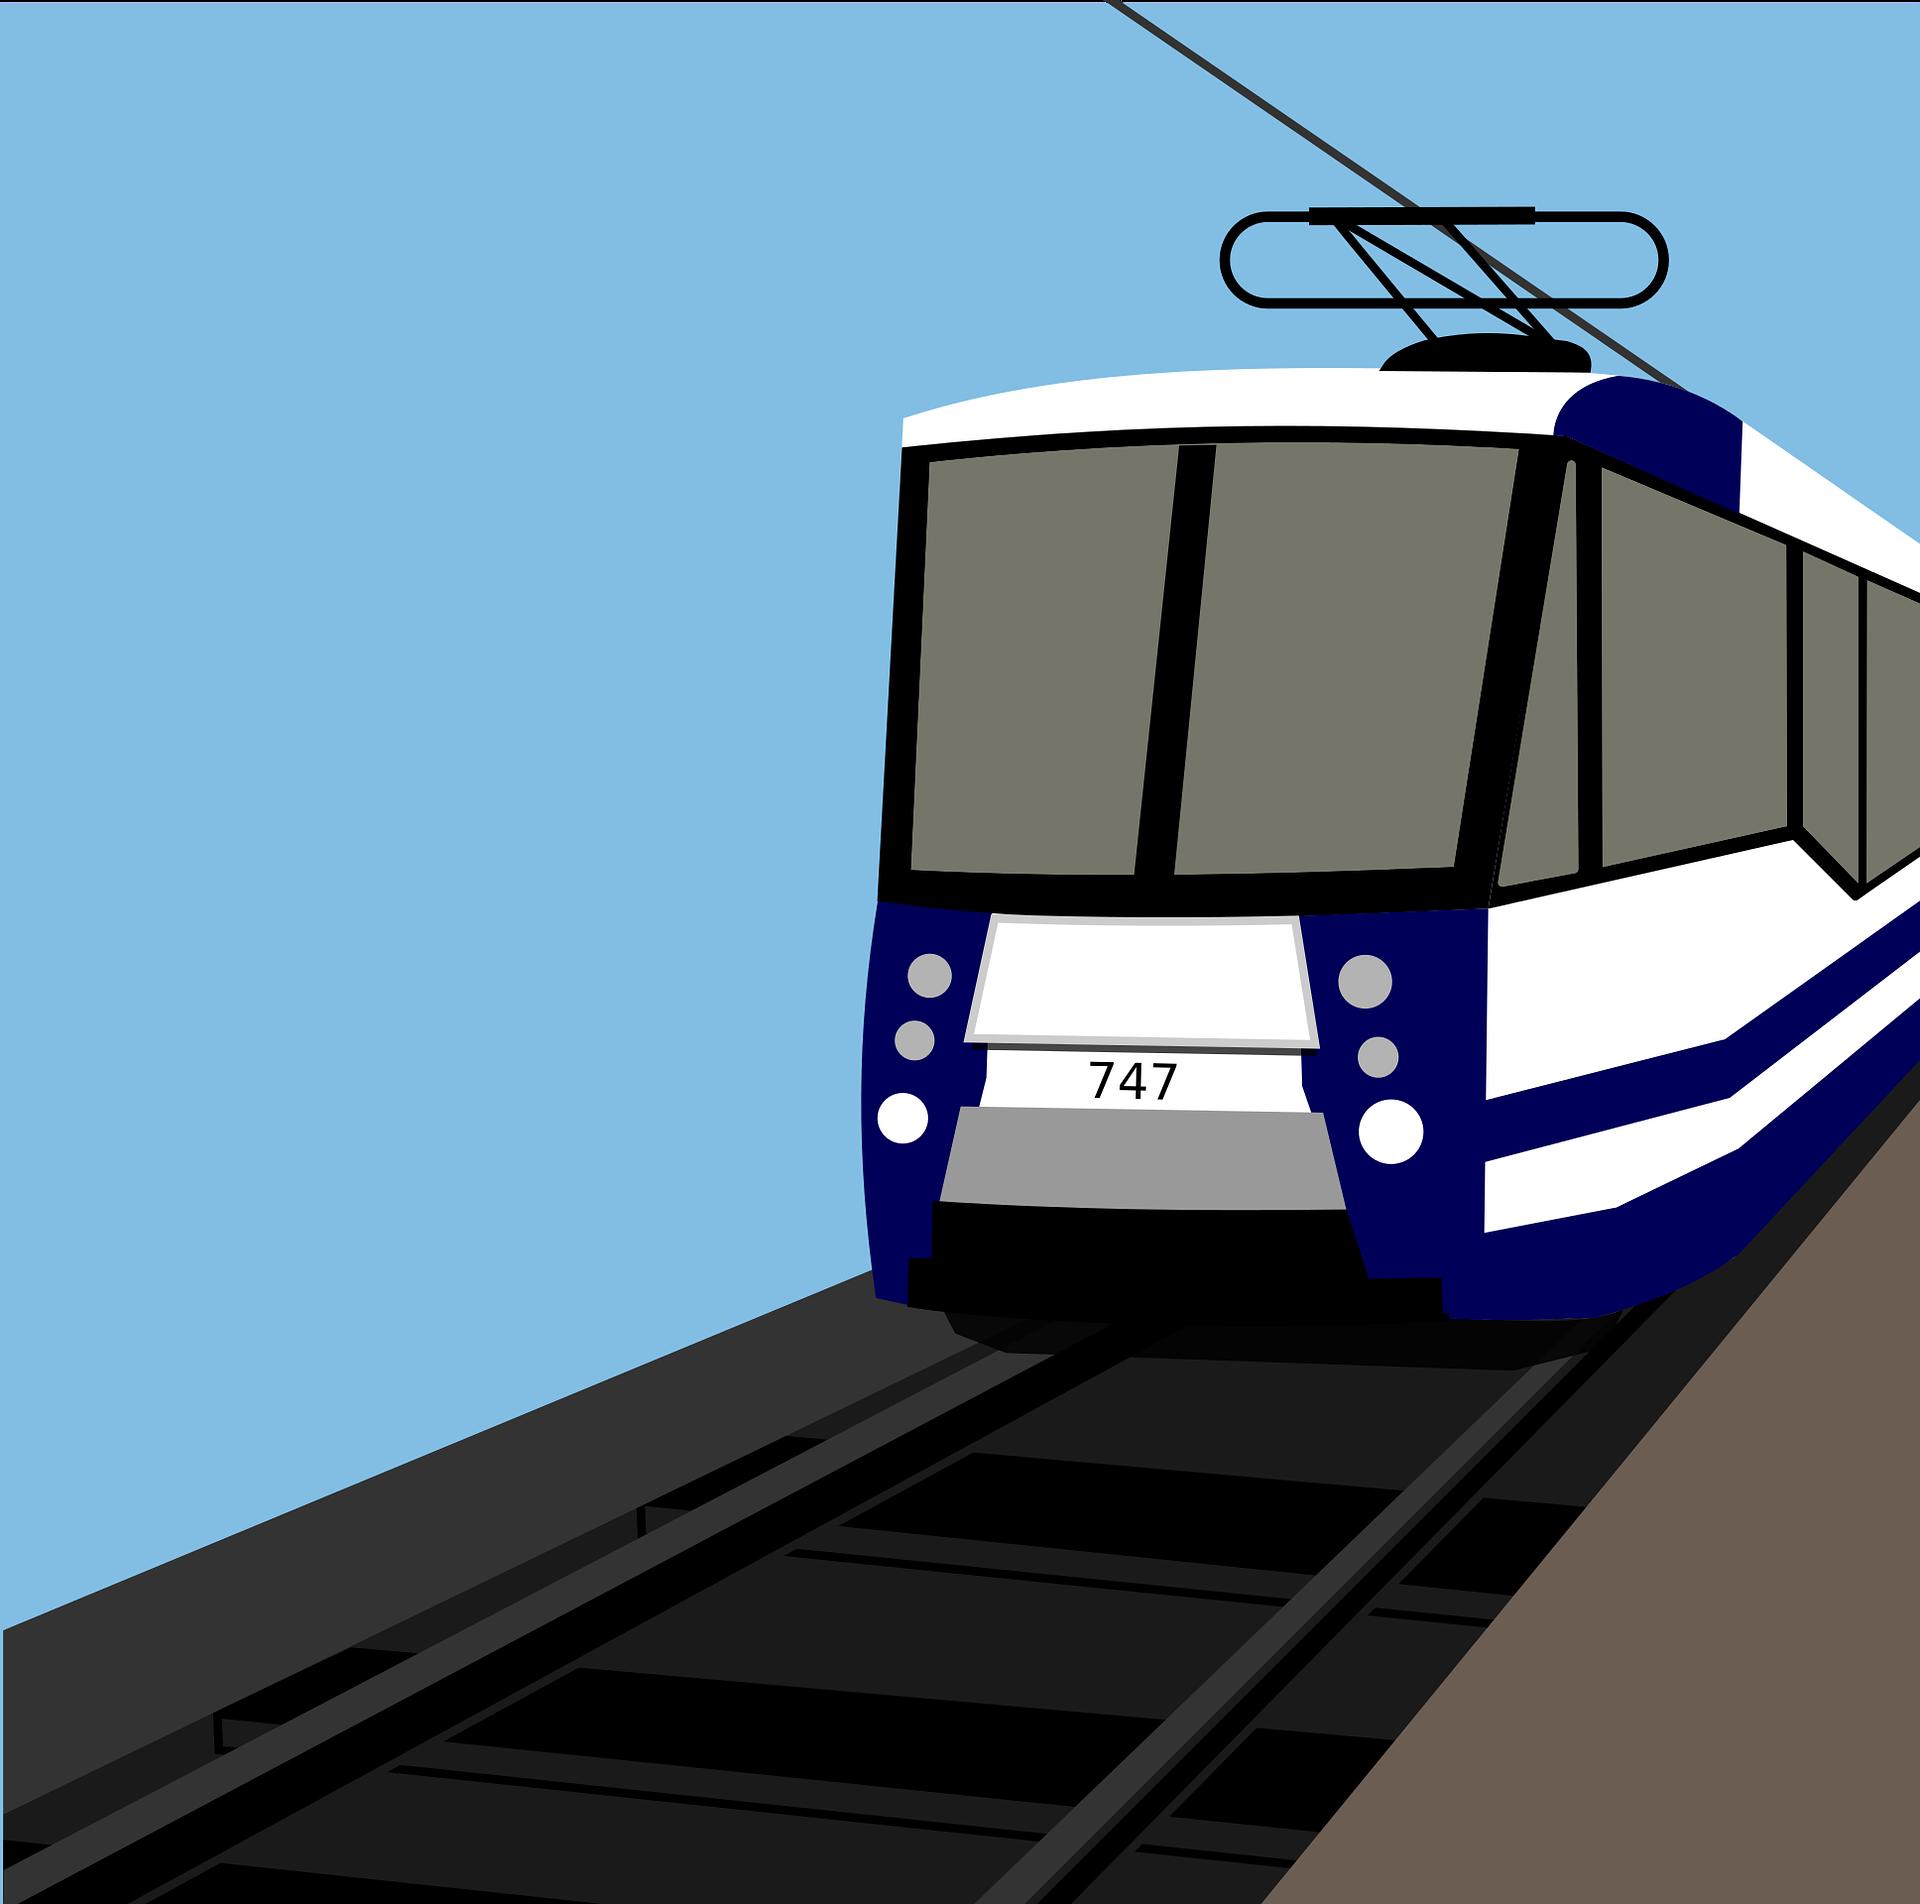 終電を二時間延長!???何のため???電車内 ホーム上のトラブルが増える可能性ありあり???